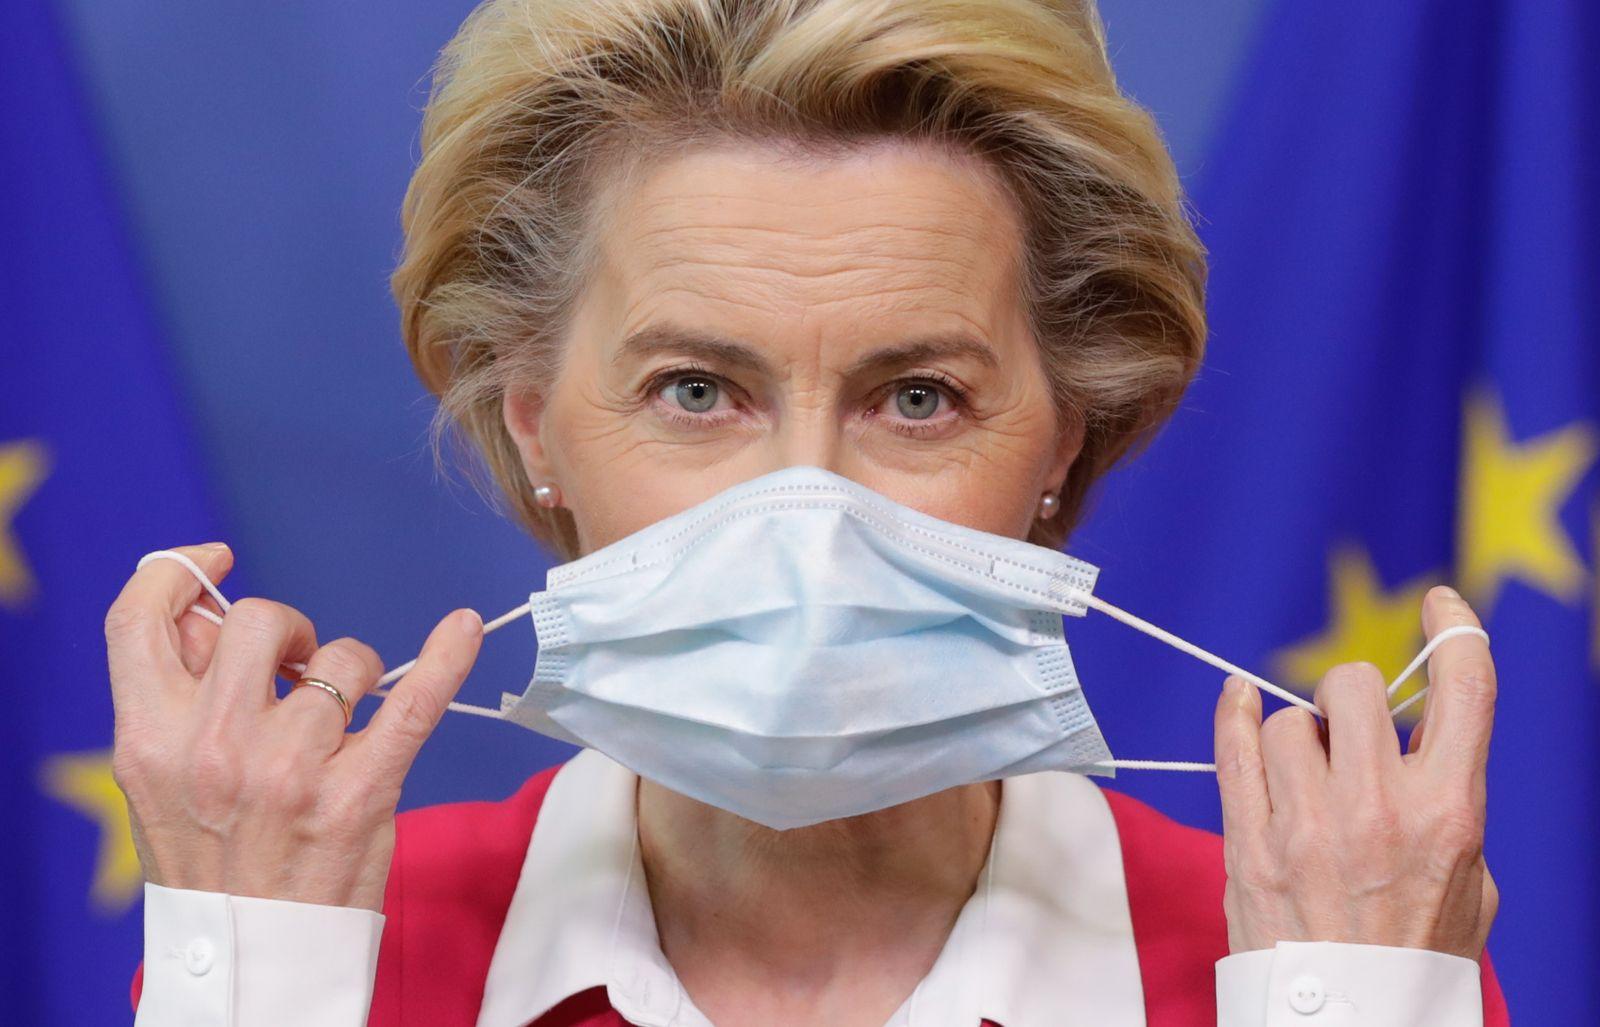 European Commission President Ursula Von Der Leyen to self isolate, Brussels, Belgium - 23 Sep 2020